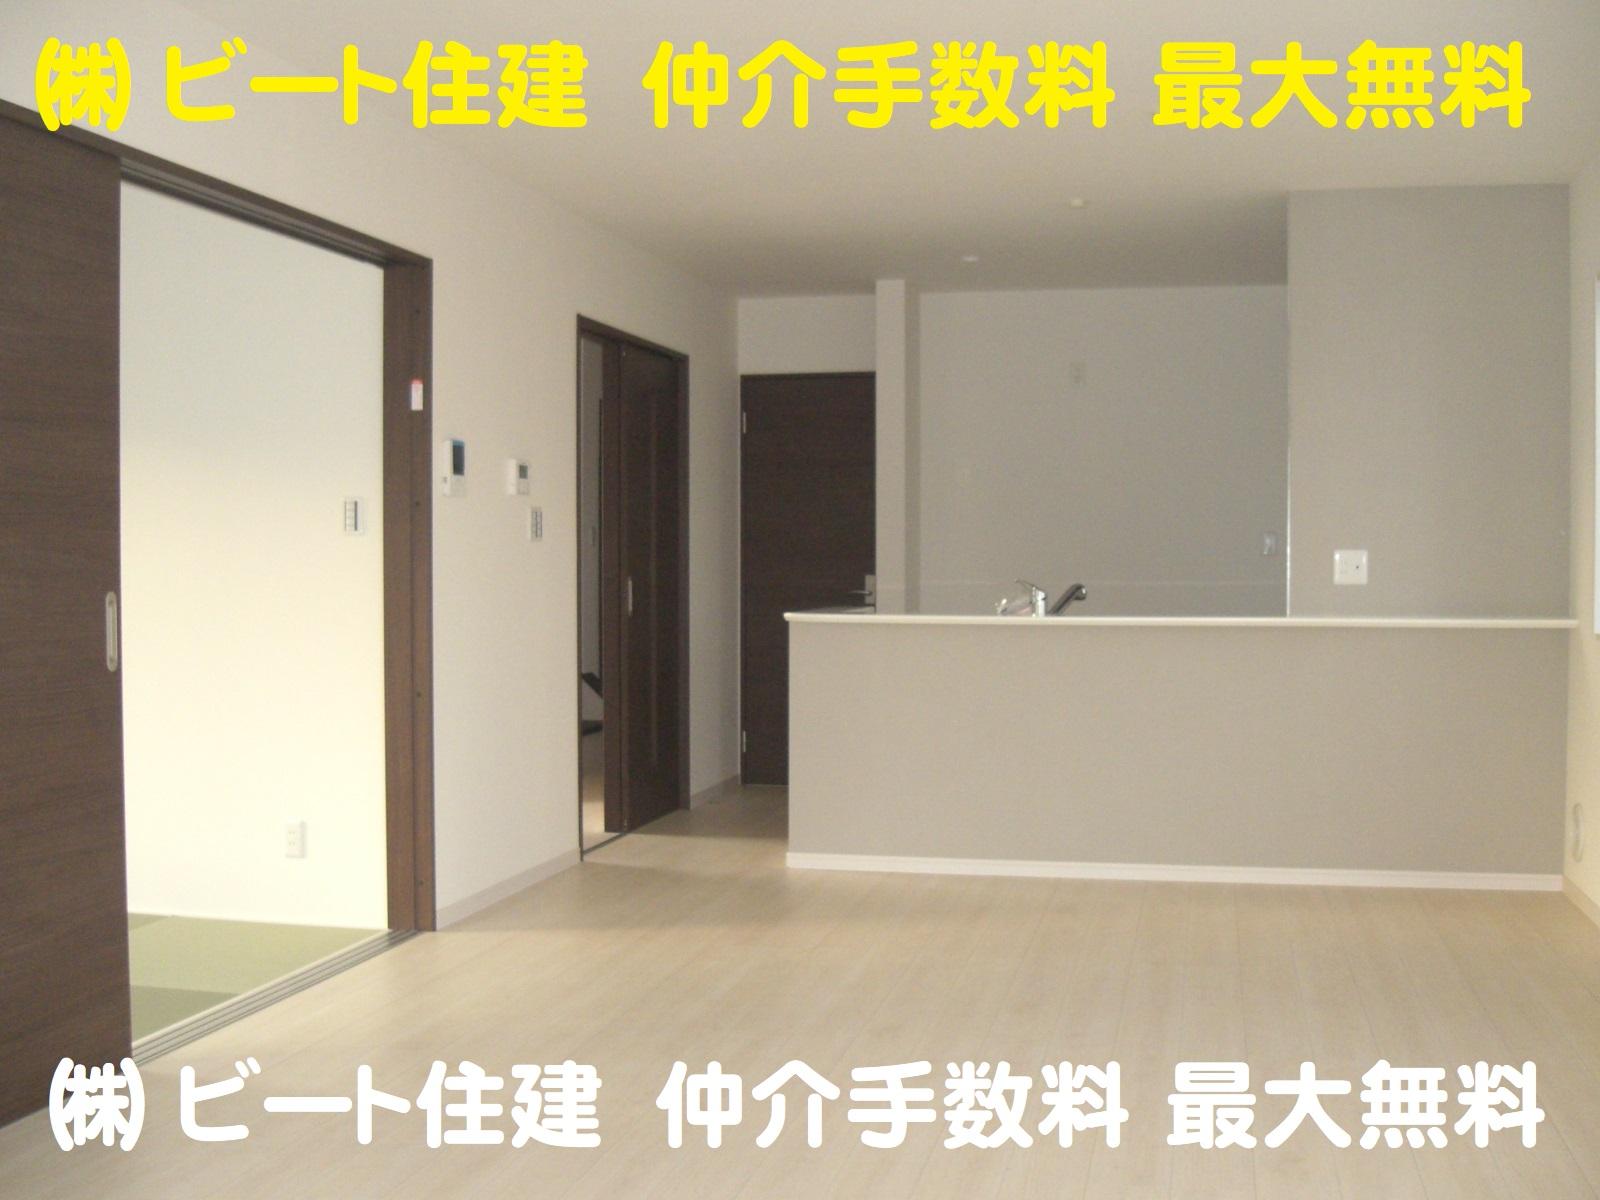 奈良県 広陵町 新築一戸建て 住宅 お買い得 大幅値下げ ビート住建 仲介手数料 最大無料